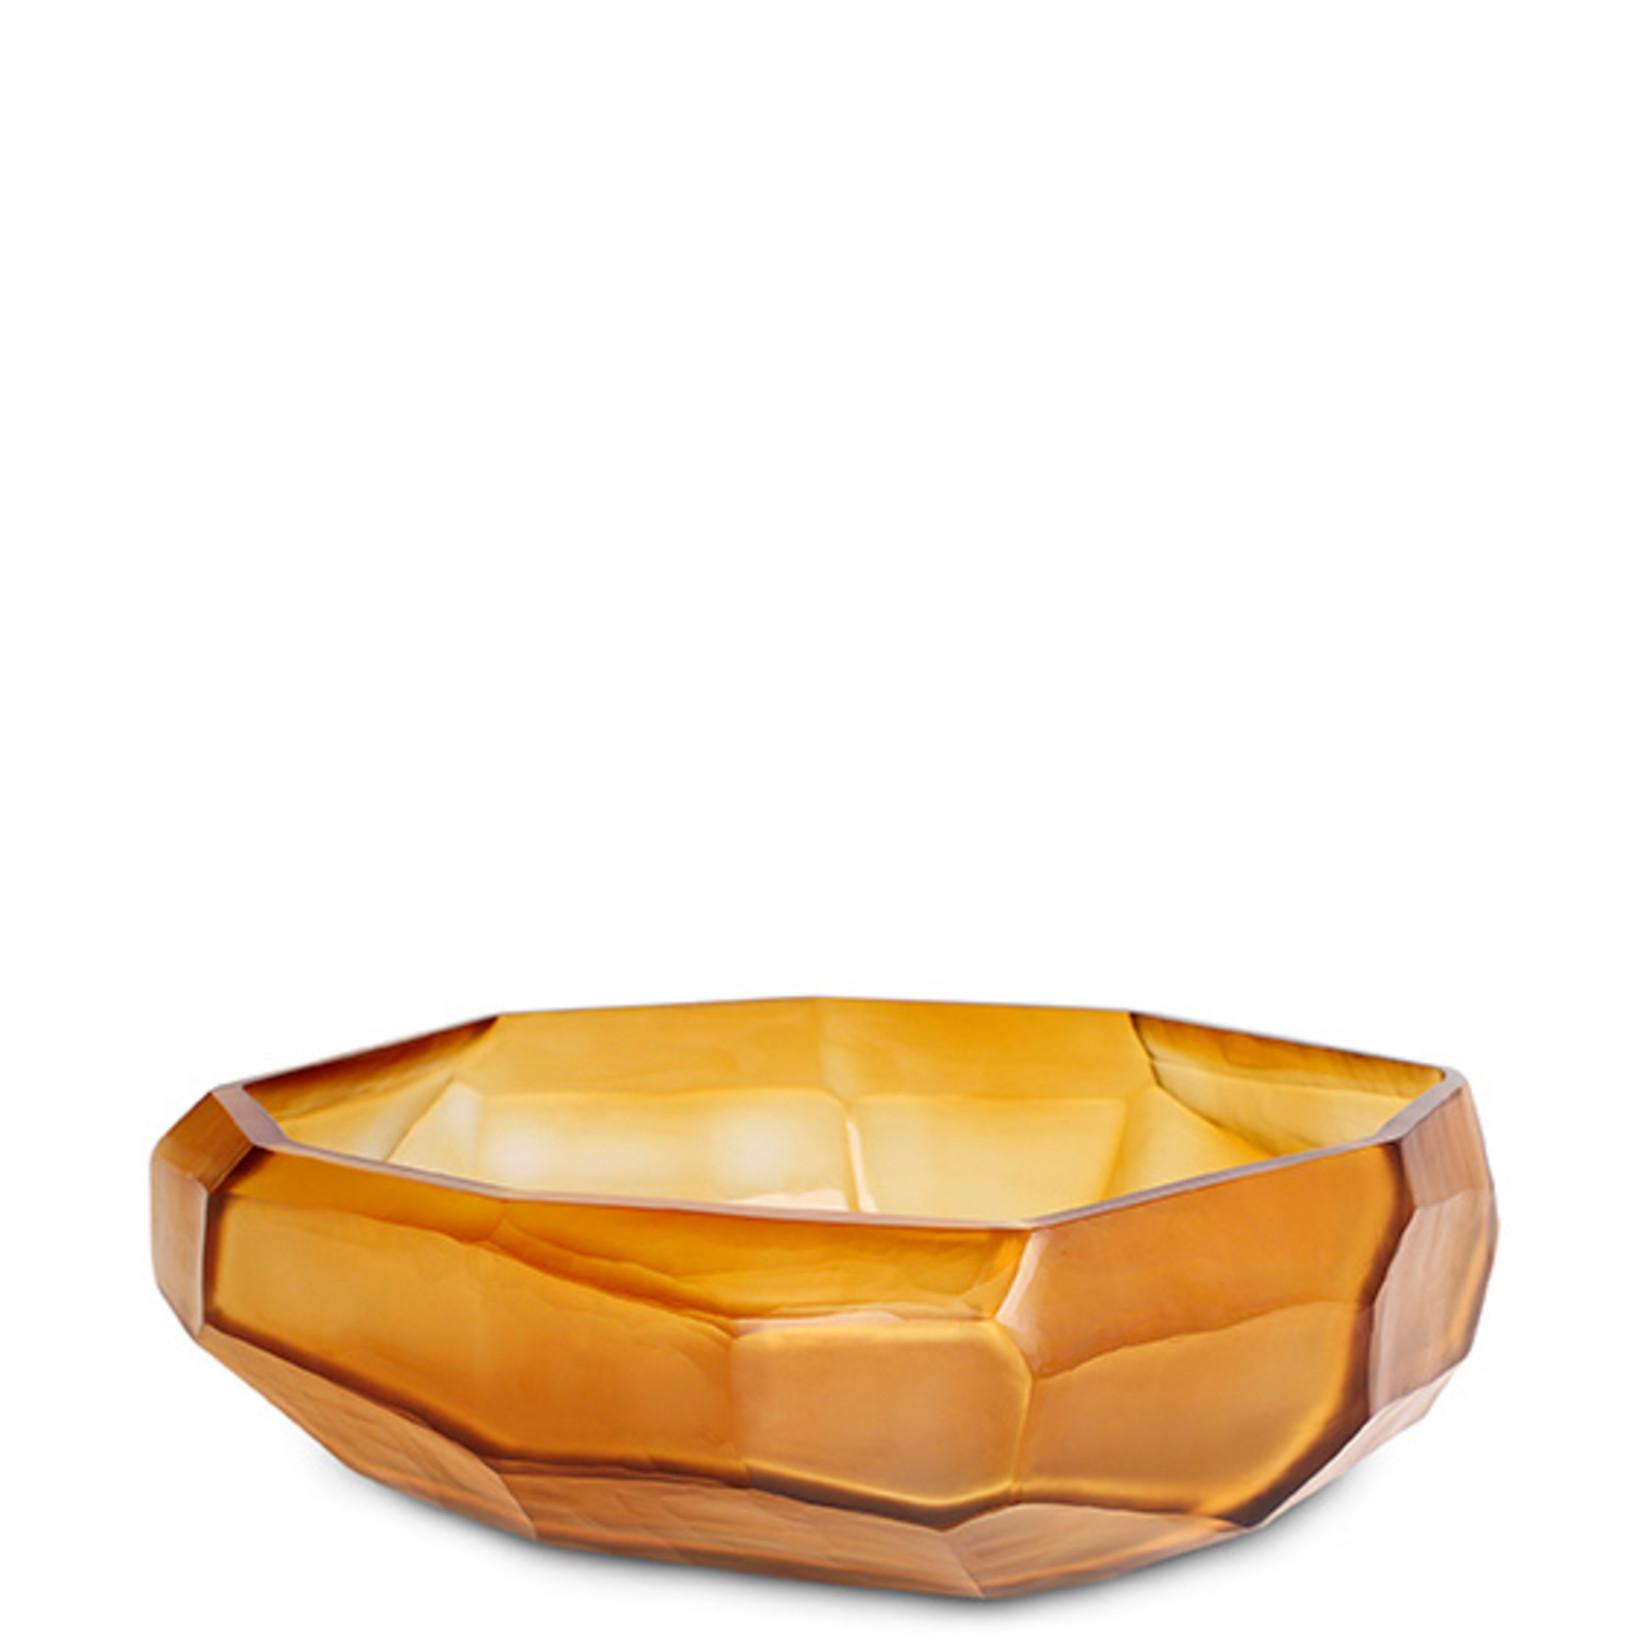 Guaxs Bowl Cubistic   Clear / Gold